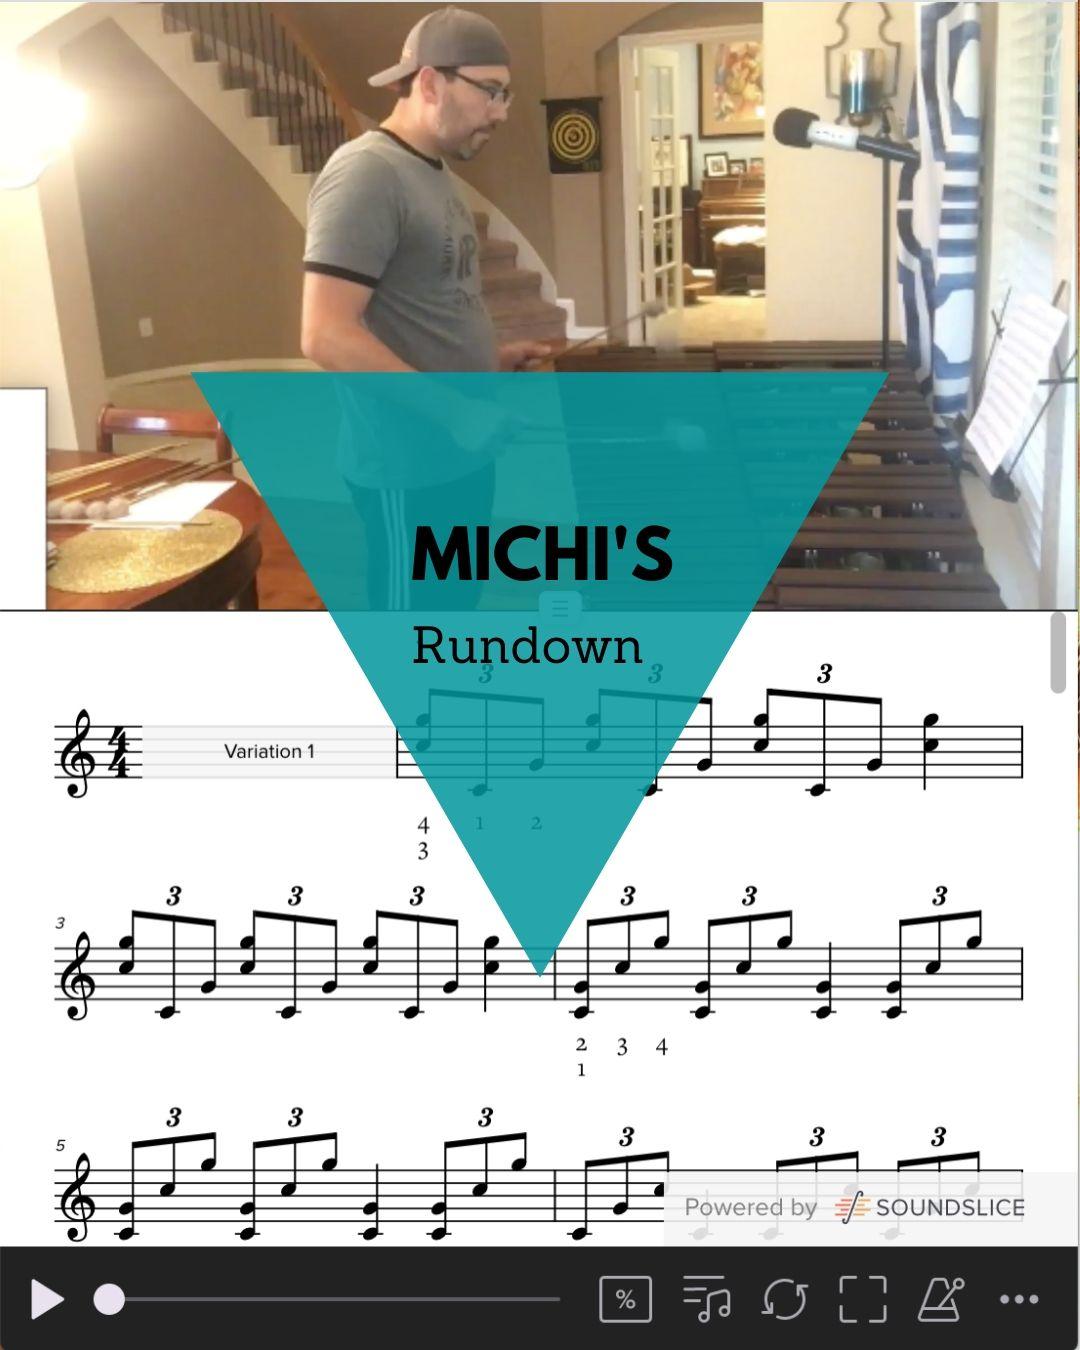 Michi's #1 - #5